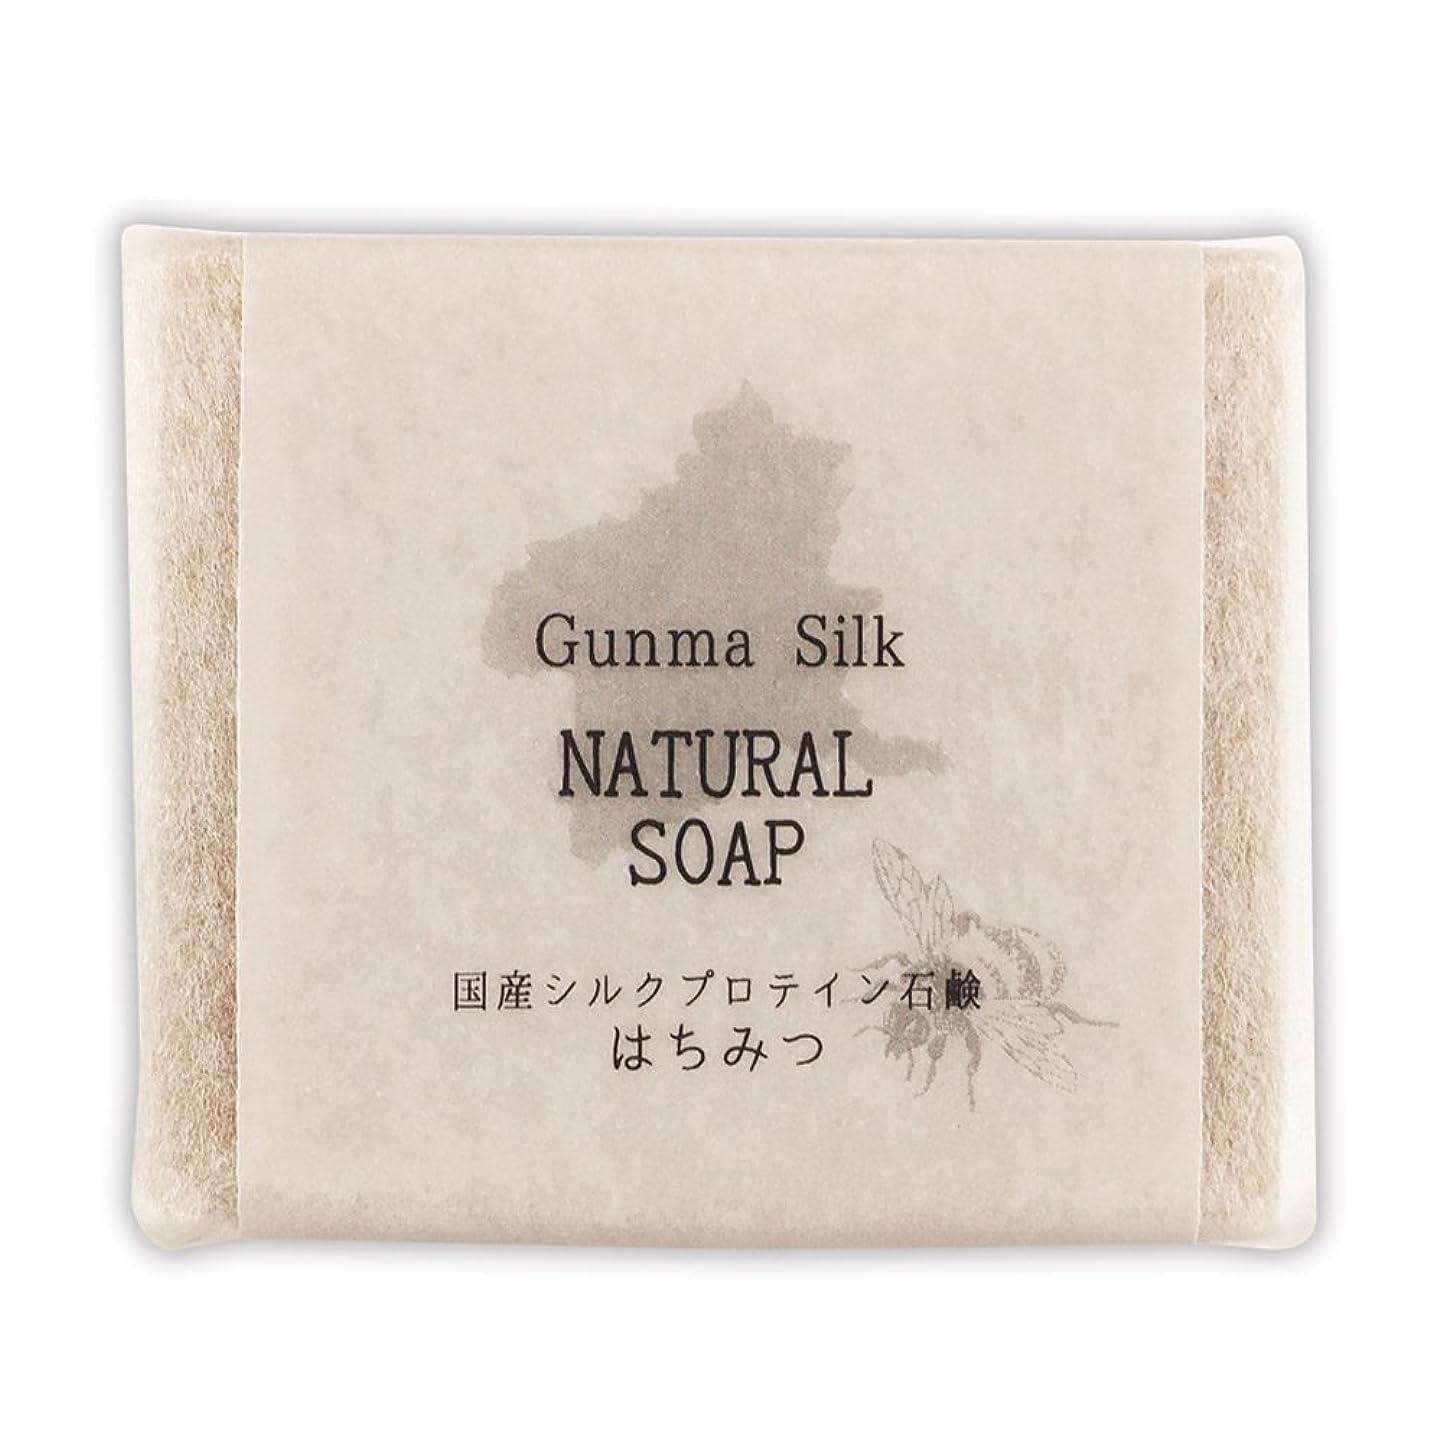 酸化物徐々に守銭奴BN 国産シルクプロテイン石鹸 はちみつ SKS-02 (1個)